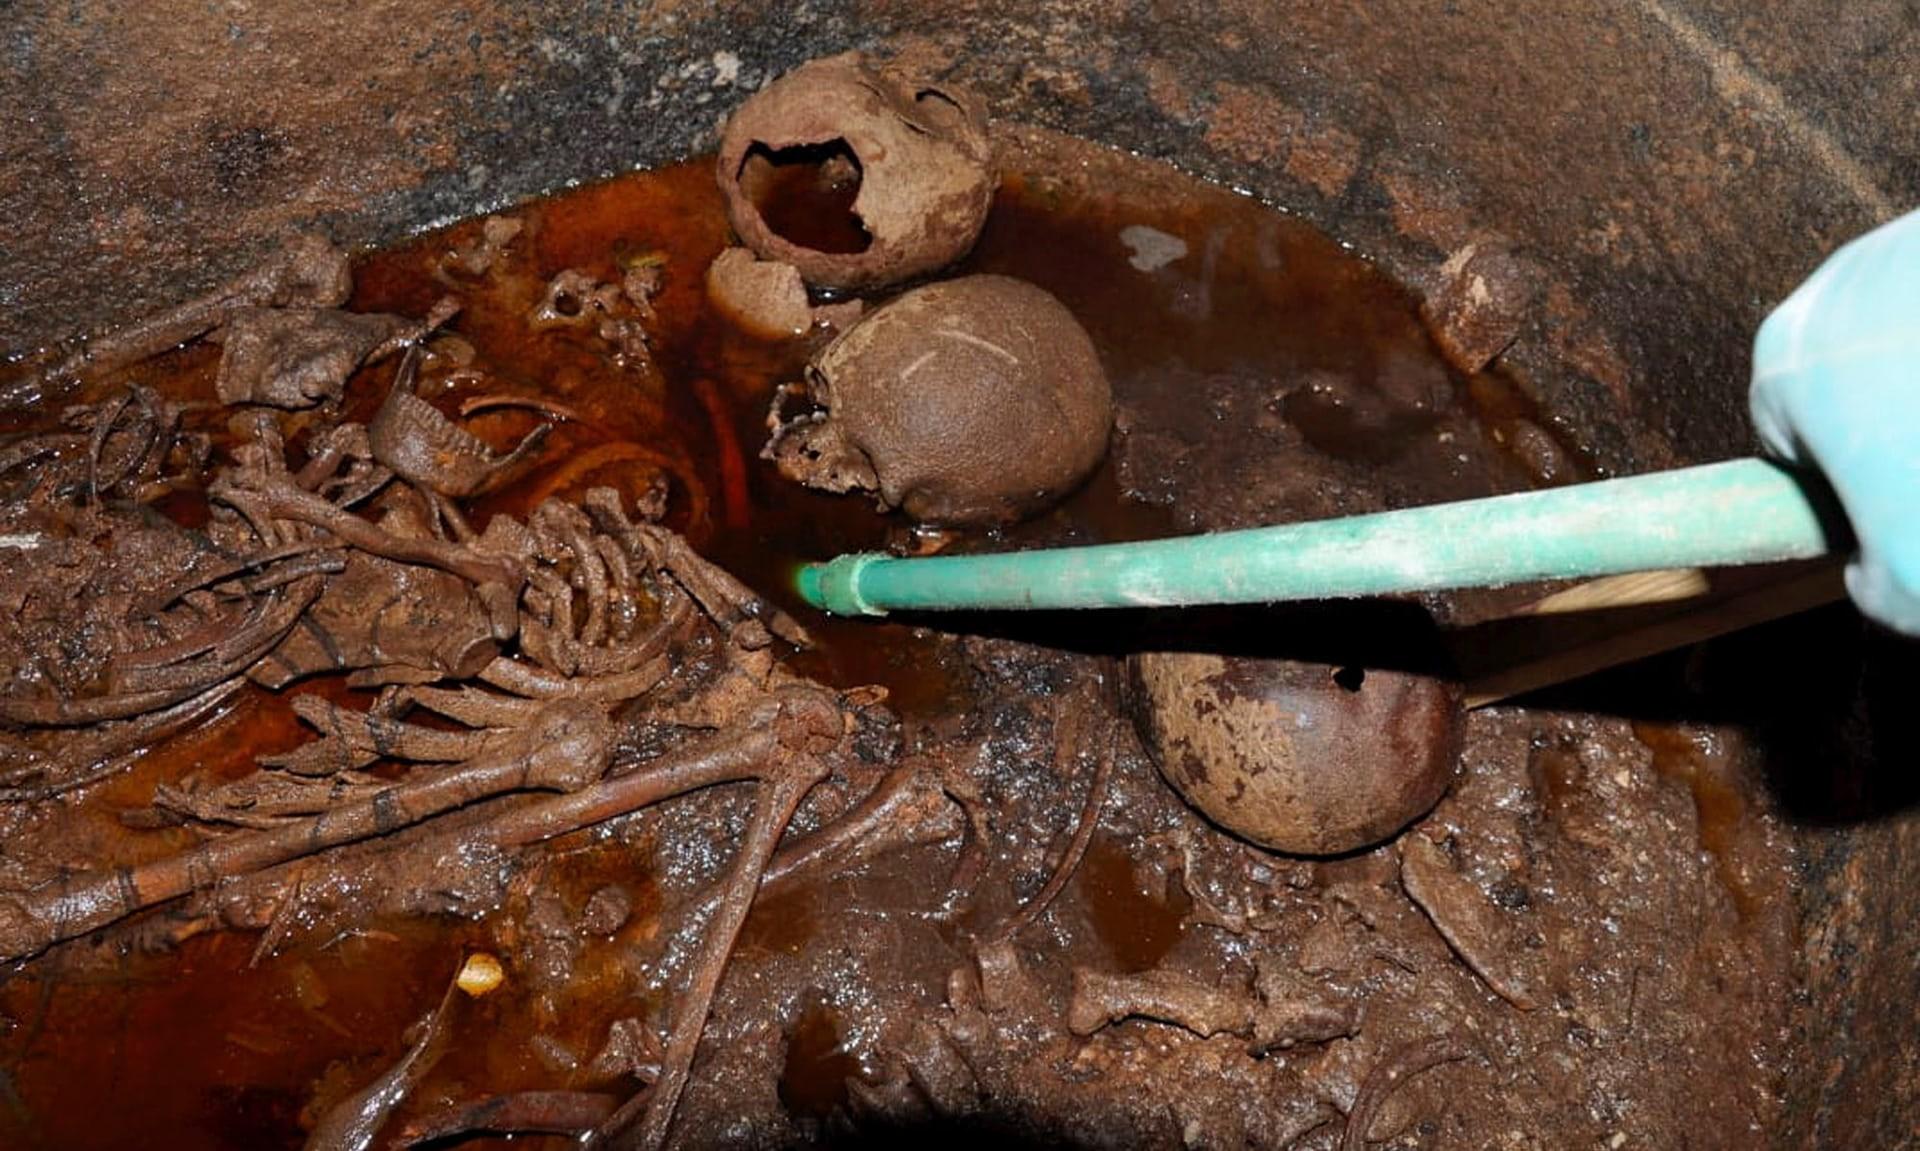 Pesquisadores encontraram múmias no interior do sarcófago, que estava repleto de água (Foto: Egyptian Ministry of Antiquities Handout)